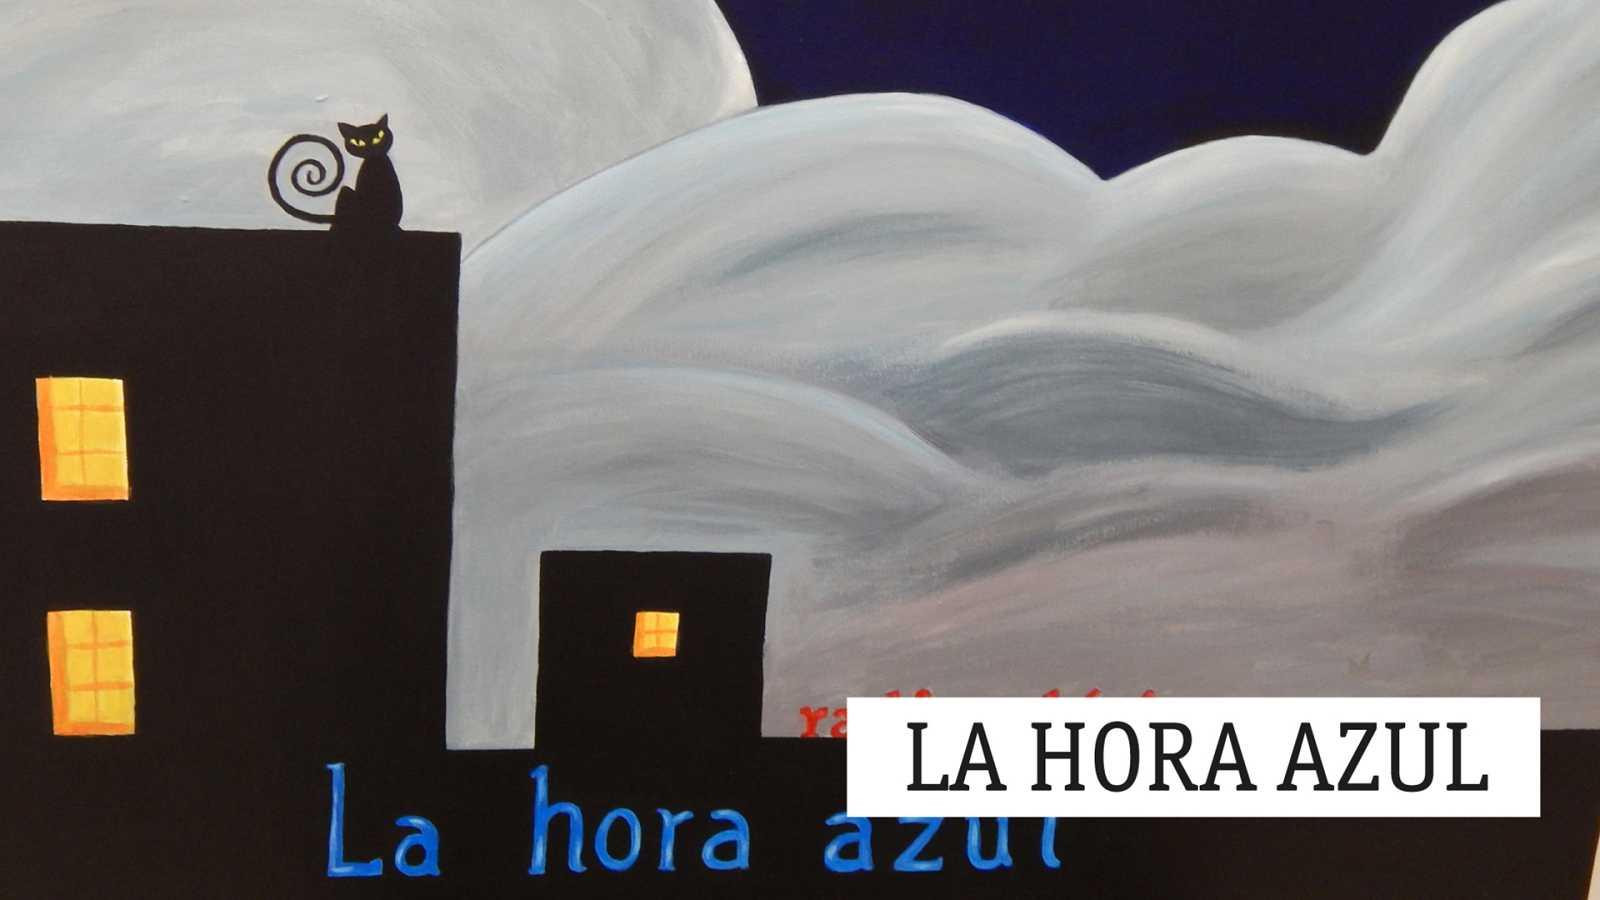 La hora azul - Brines, Óscar Navarro - 27/11/20 - escuchar ahora